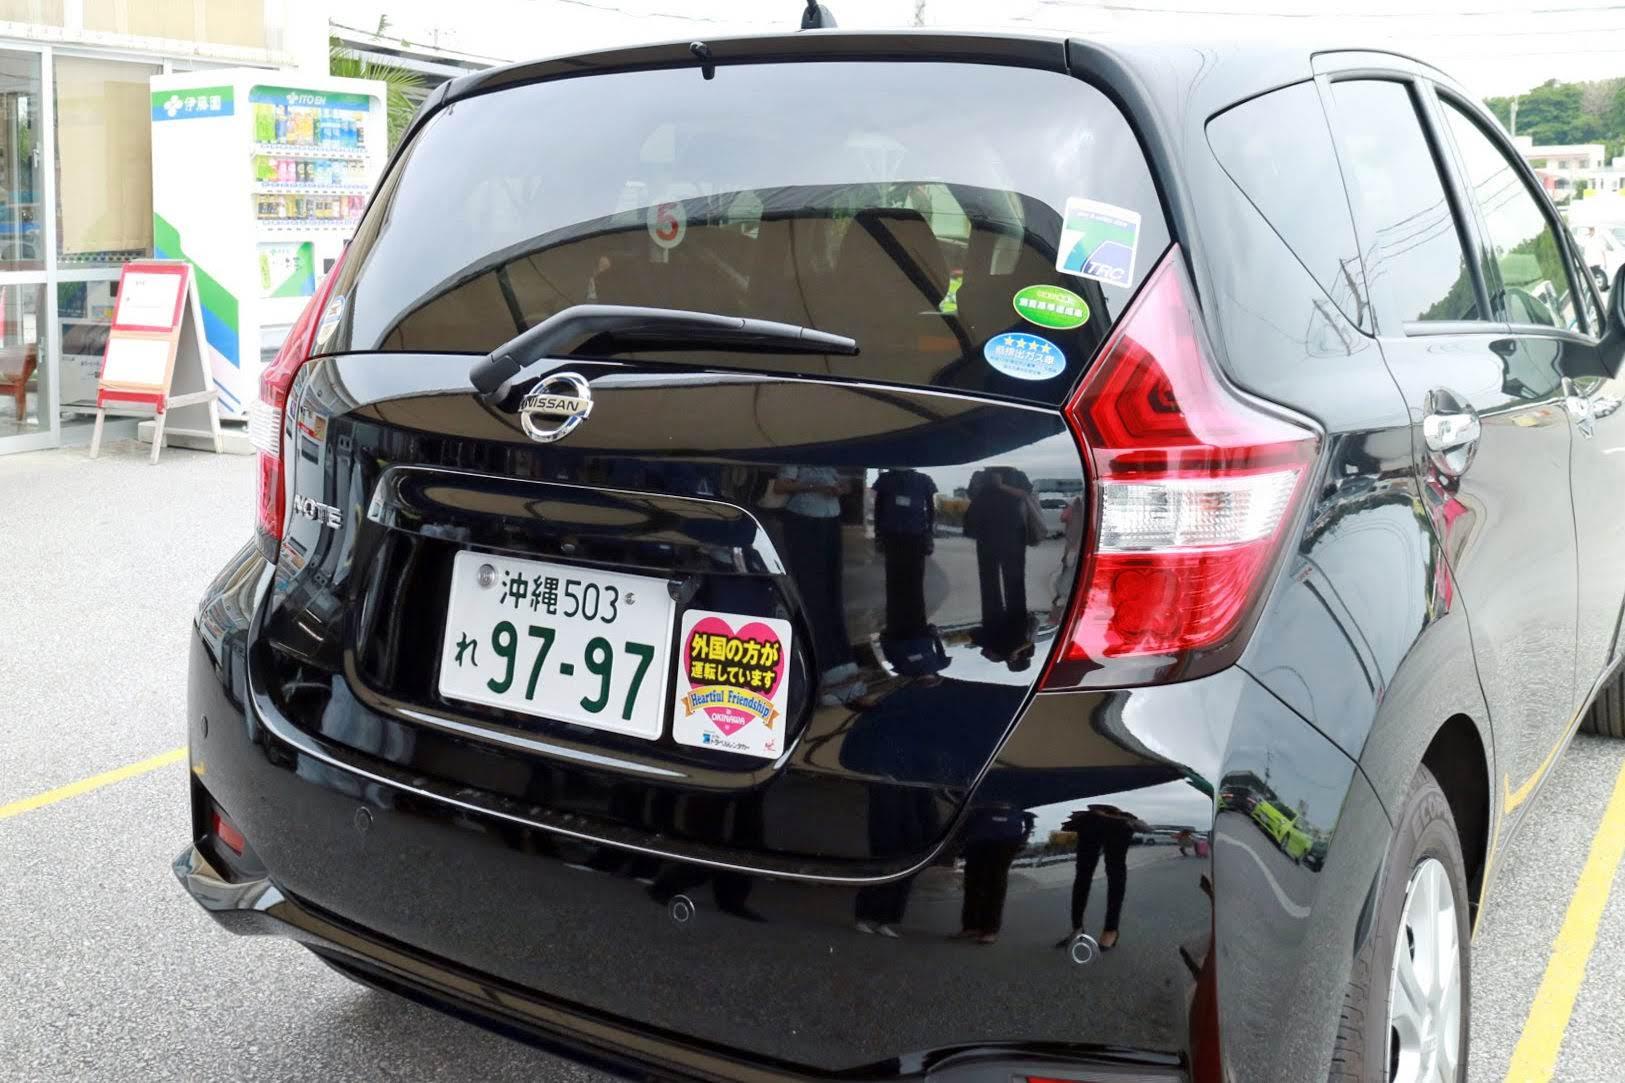 沖縄 旅行 あるある 観光 レンタカー